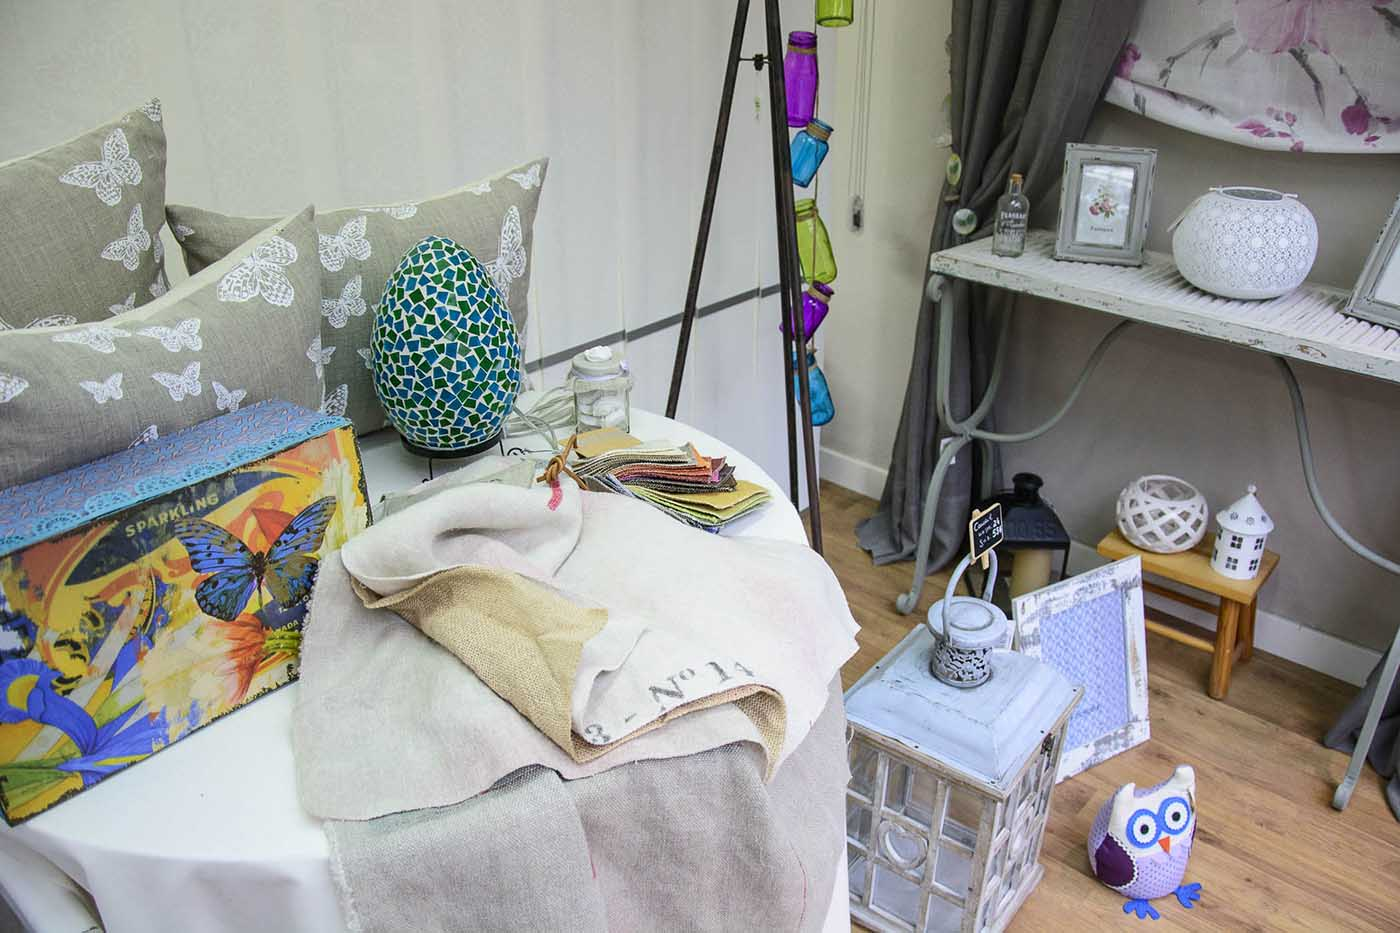 Aparador de roba de la llar i elements decoratius